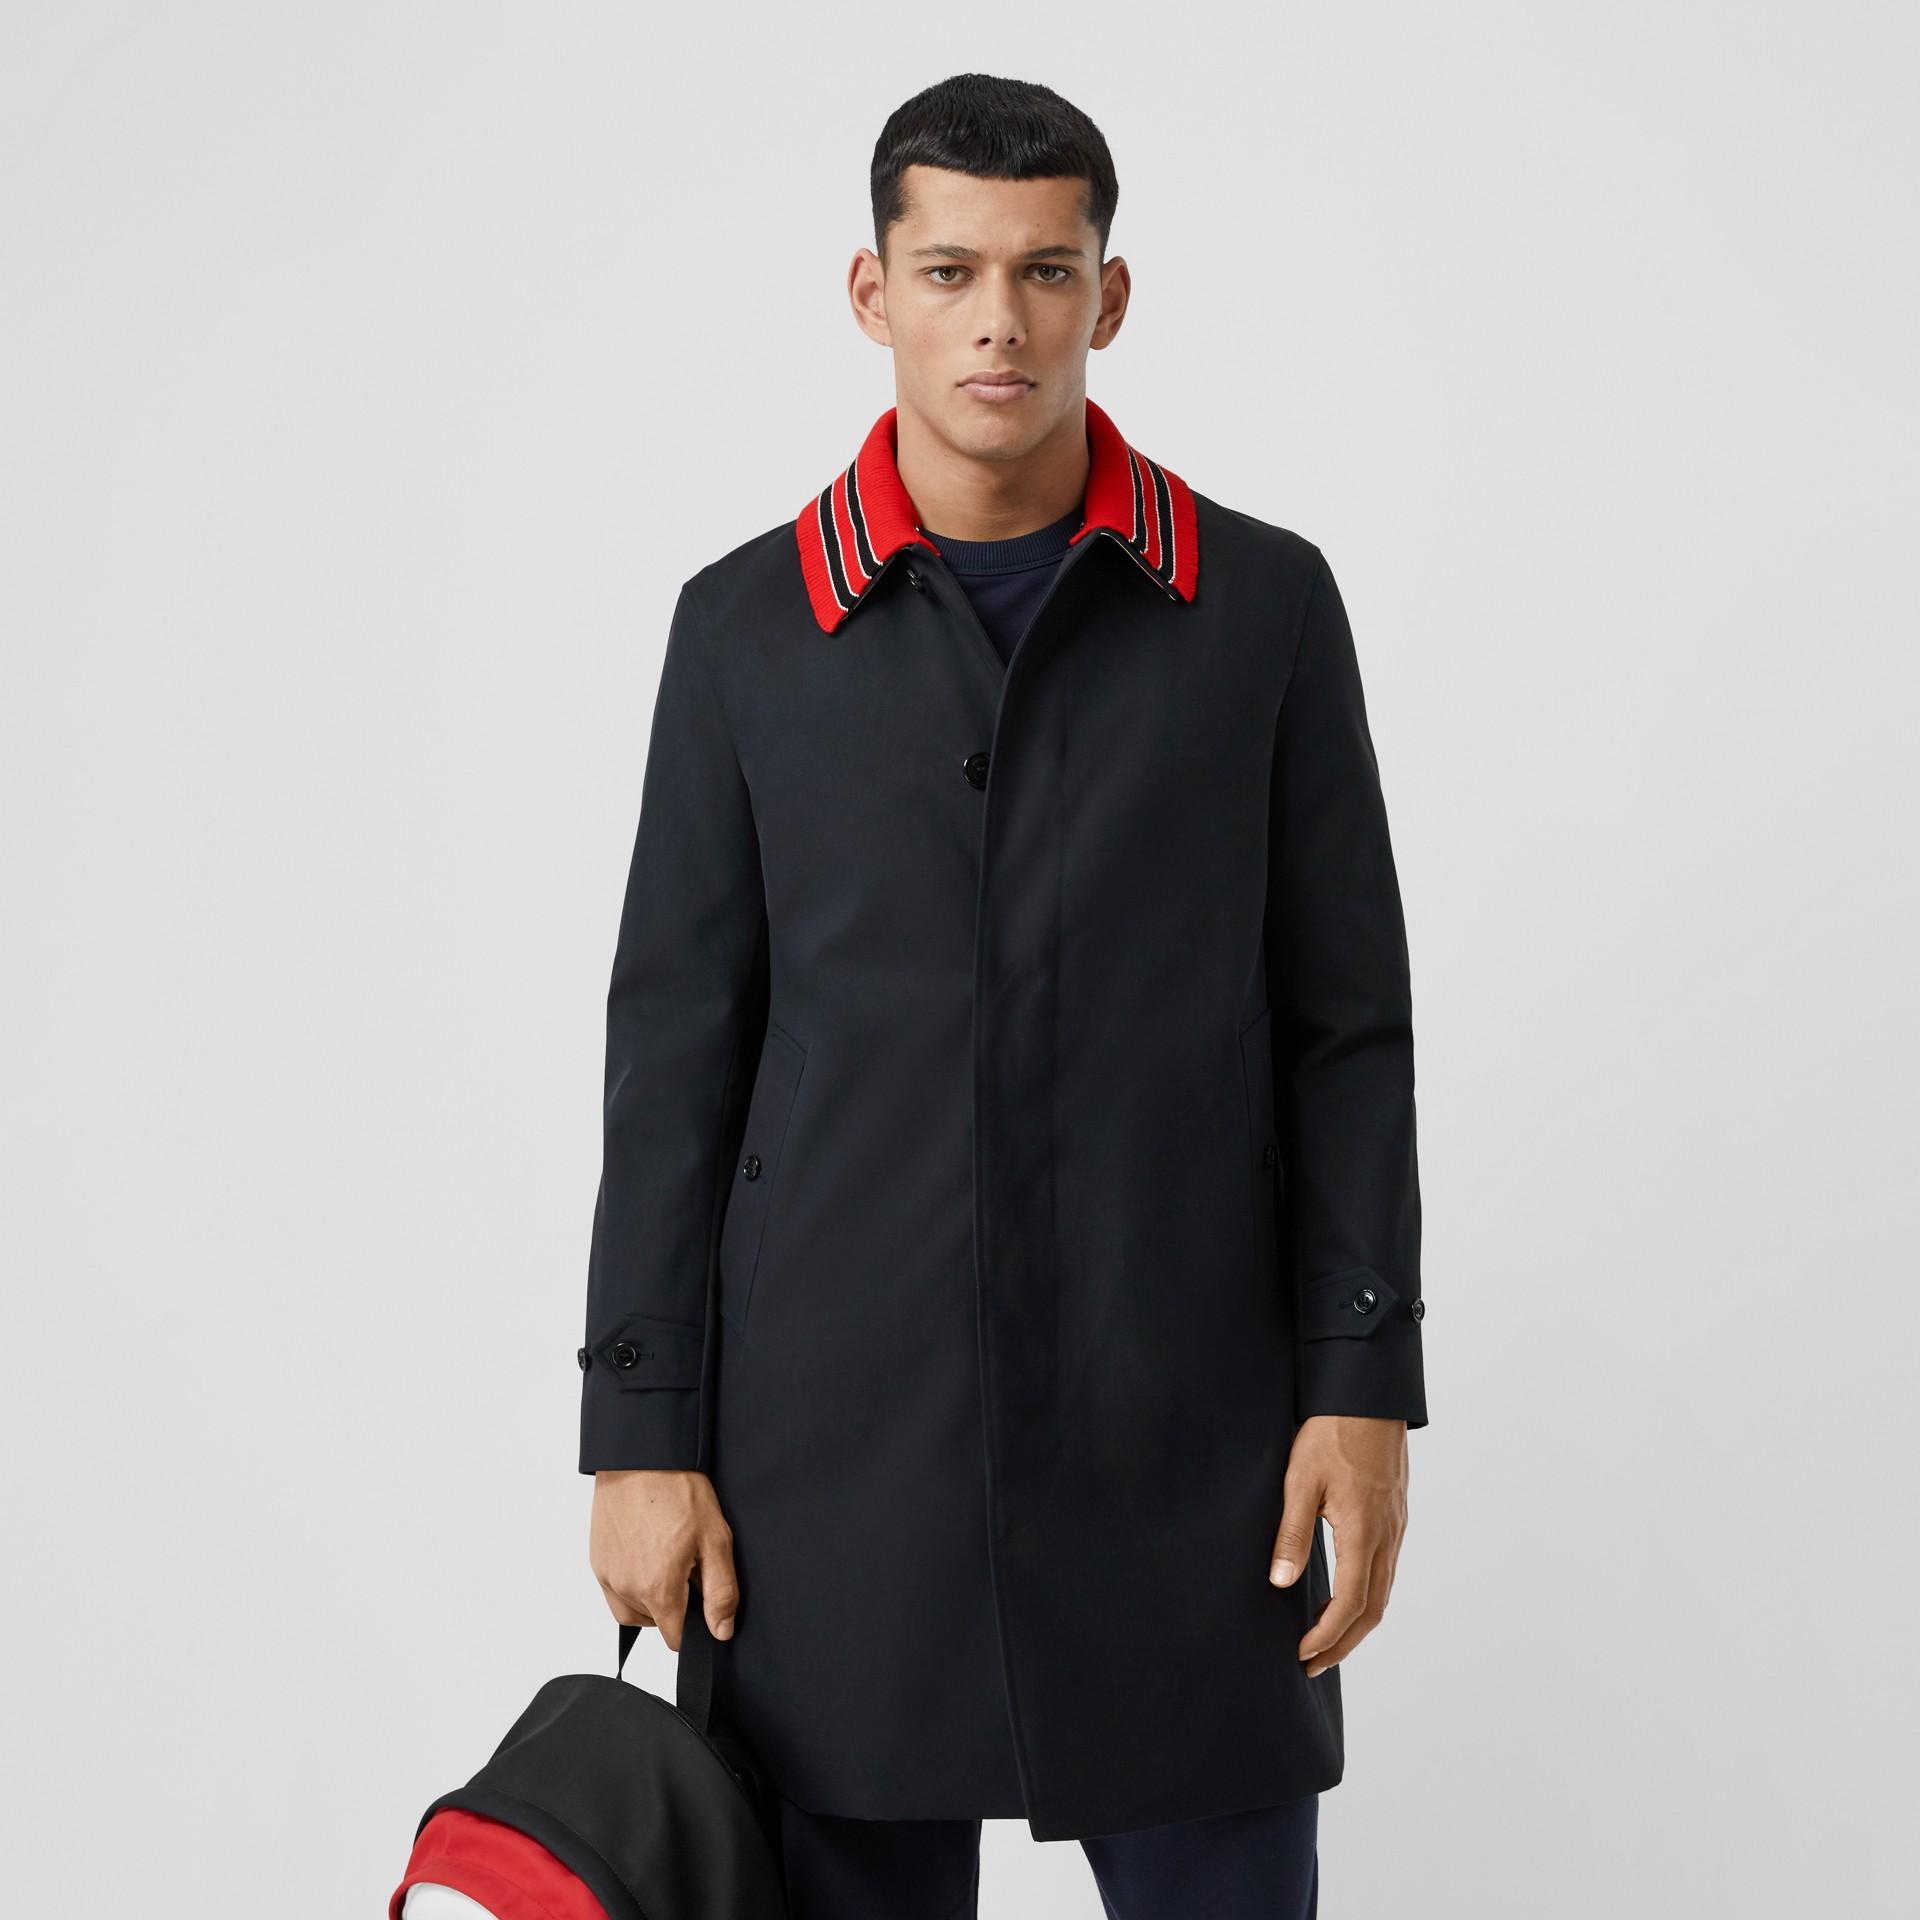 Paletot en coton avec col rayé amovible (Marine) - Homme | Burberry Canada - photo de la galerie 6